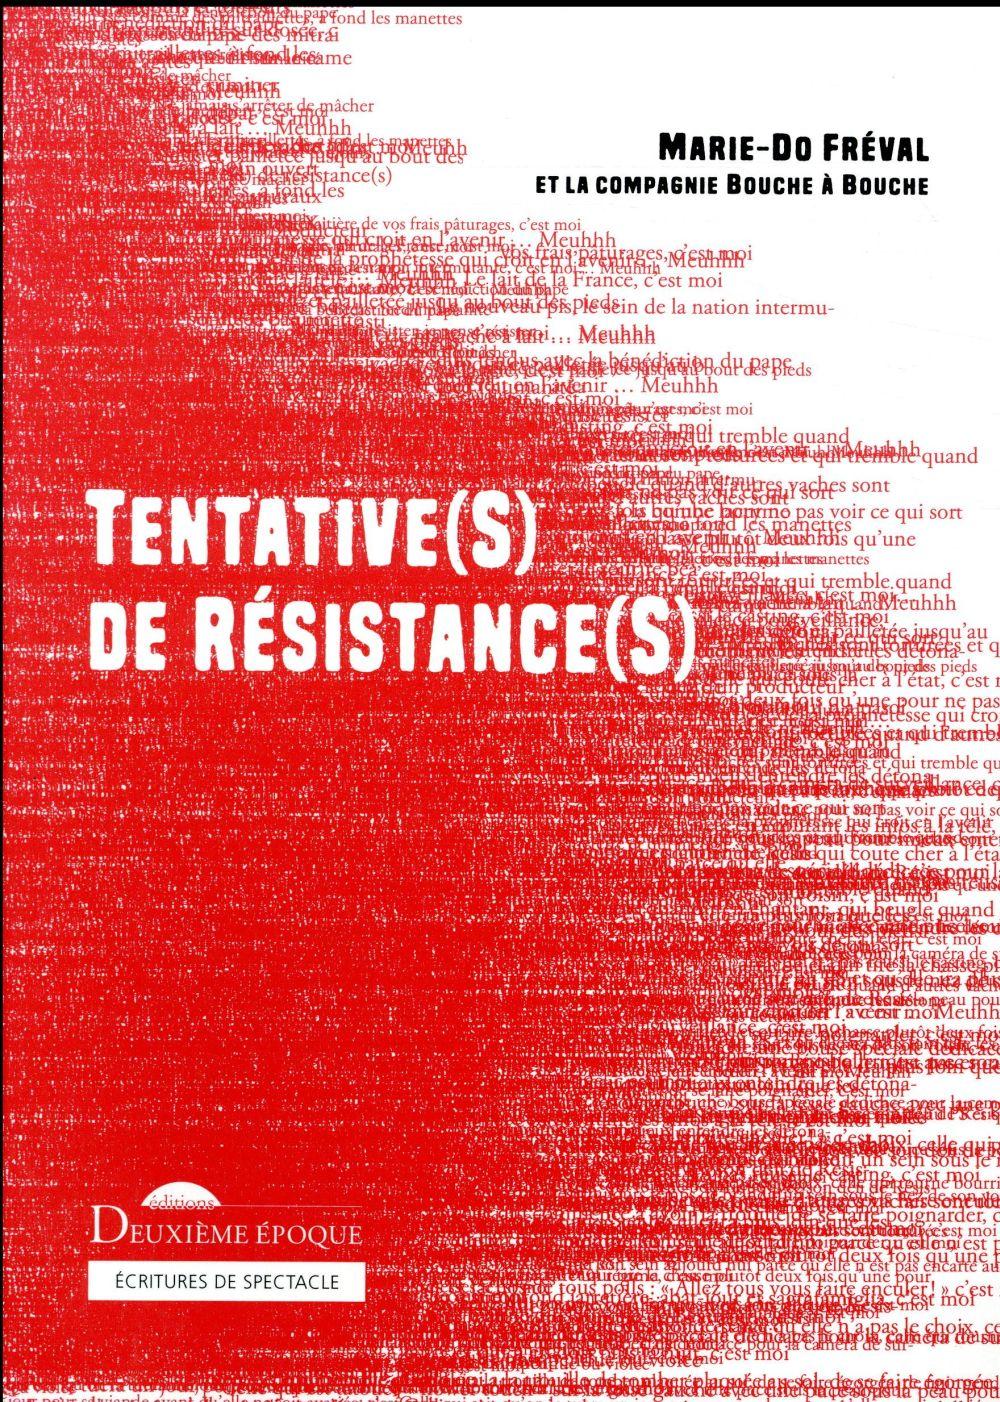 Tentative(s) de résistance(s)